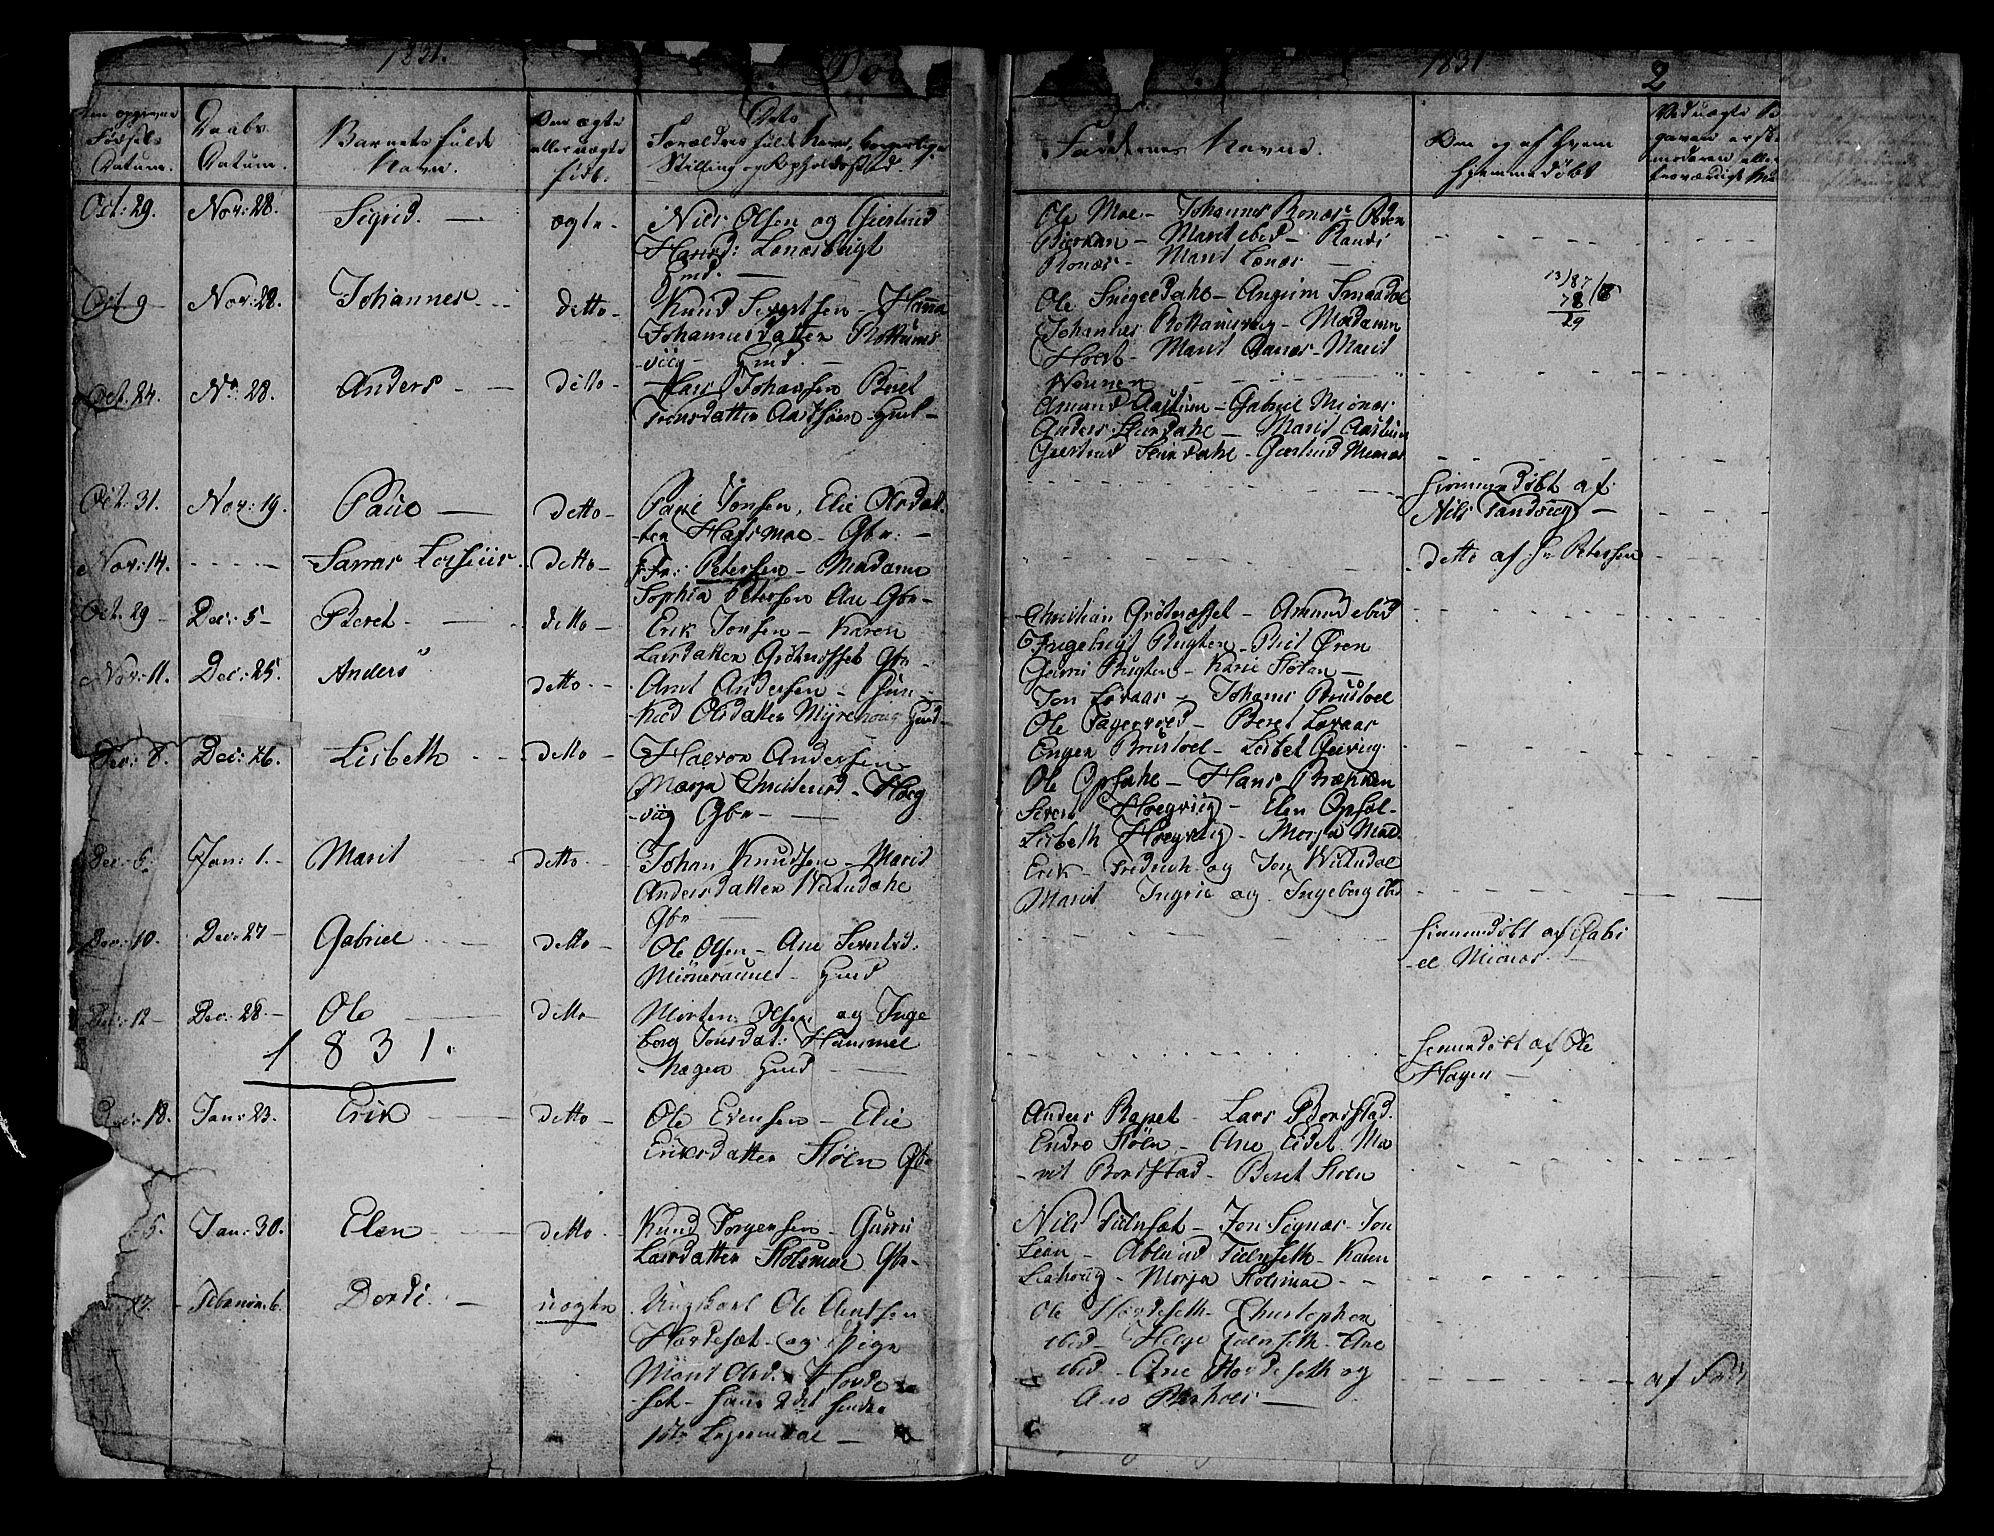 SAT, Ministerialprotokoller, klokkerbøker og fødselsregistre - Sør-Trøndelag, 630/L0492: Ministerialbok nr. 630A05, 1830-1840, s. 2